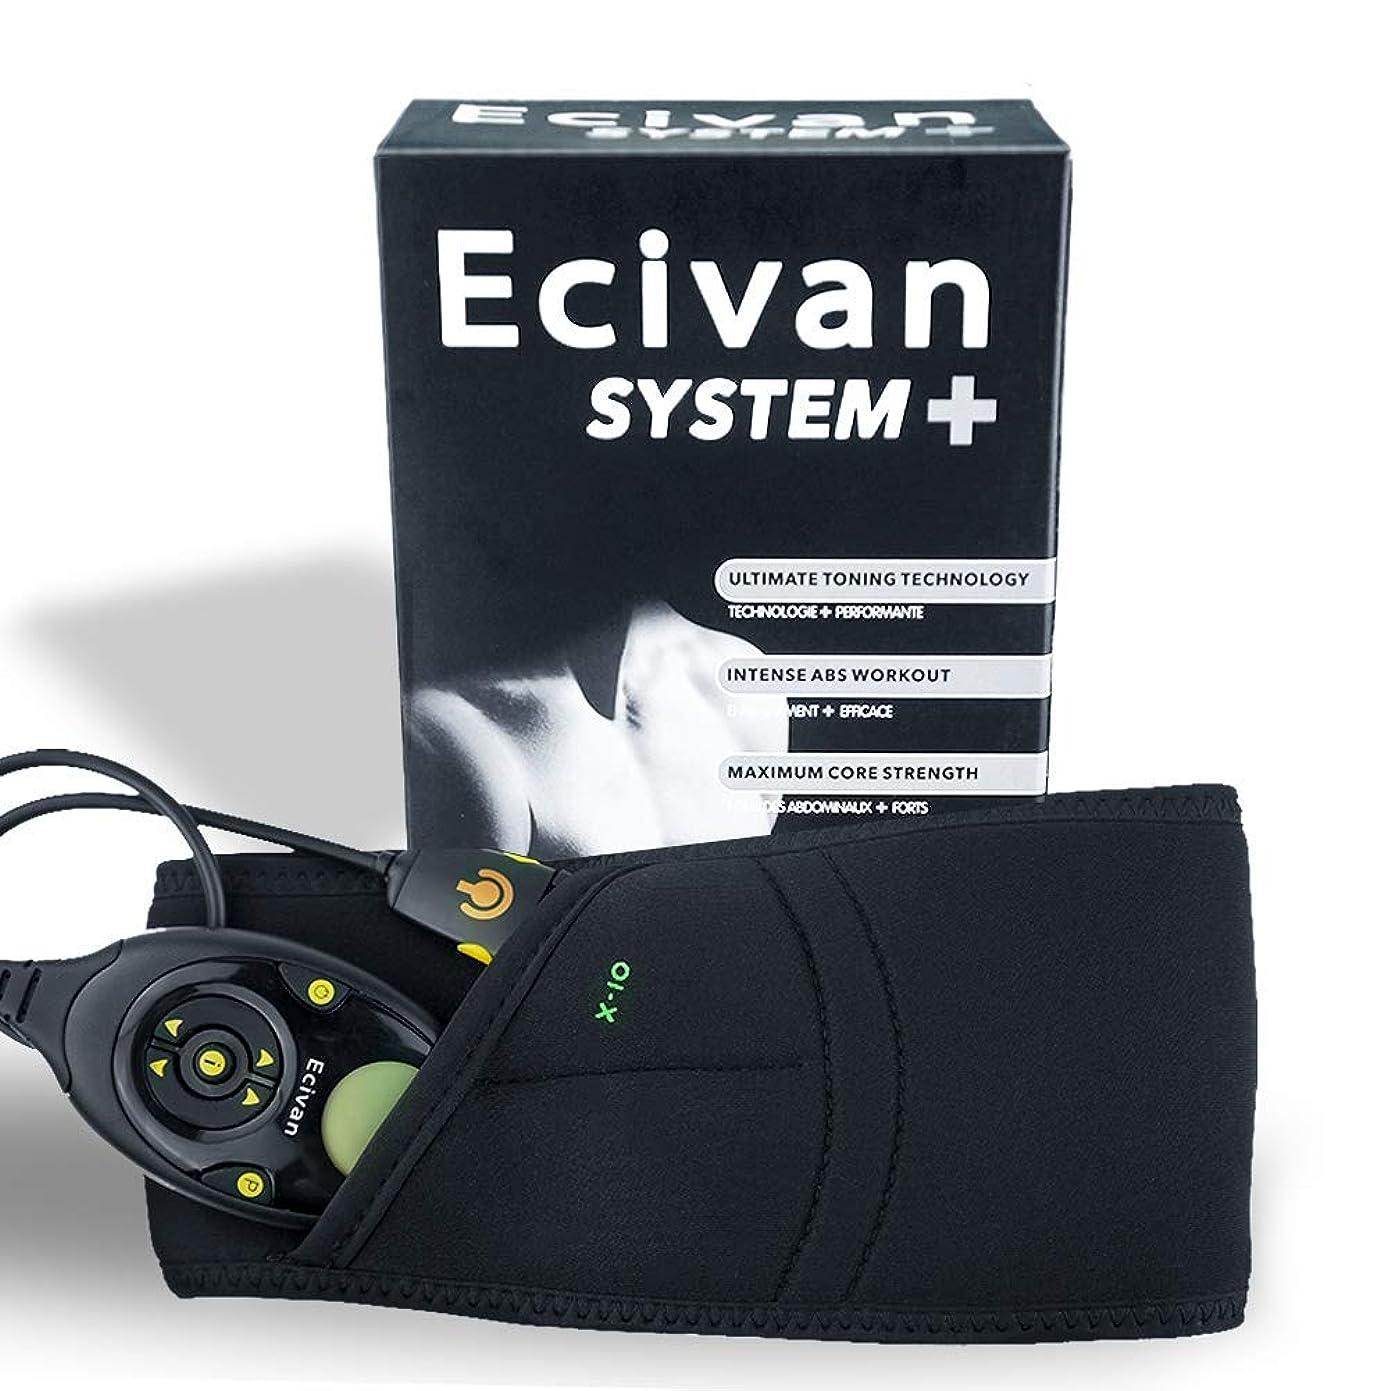 エンドウお互い洋服Ecivan EMS 腹筋ベルトボディフィットスリム トレーニング 電気振動マッサージ 痩身マシン 電動器具腹巻き USB充電 150階段